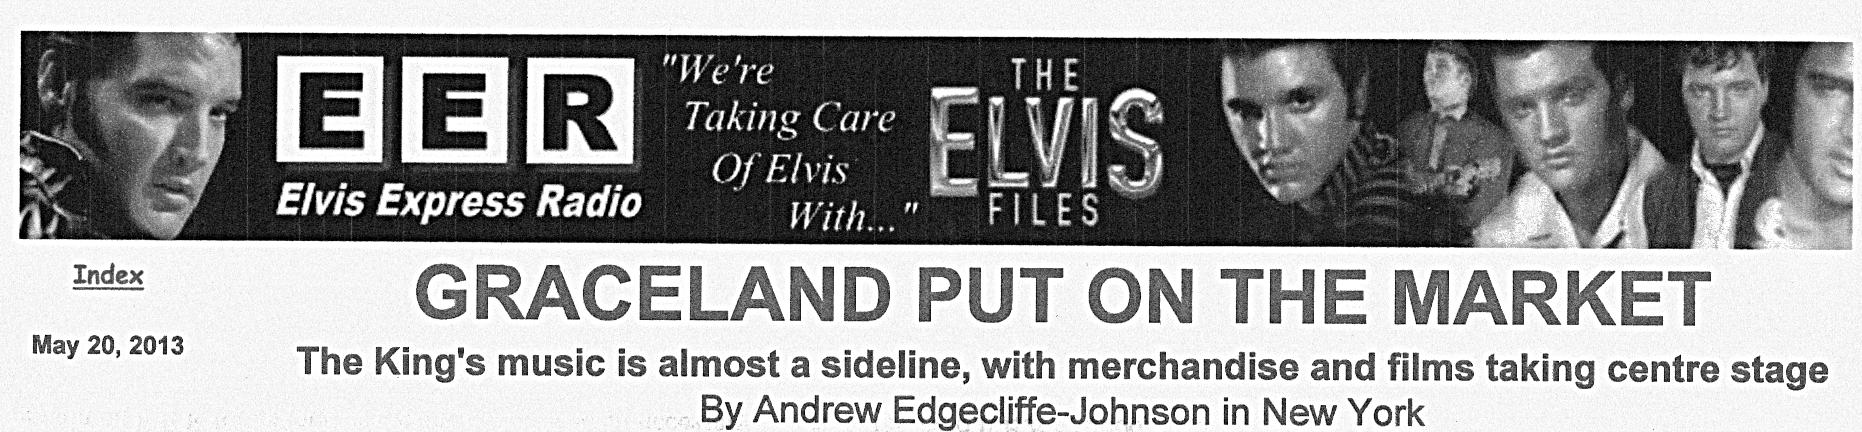 EER headline Graceland Put On The Market